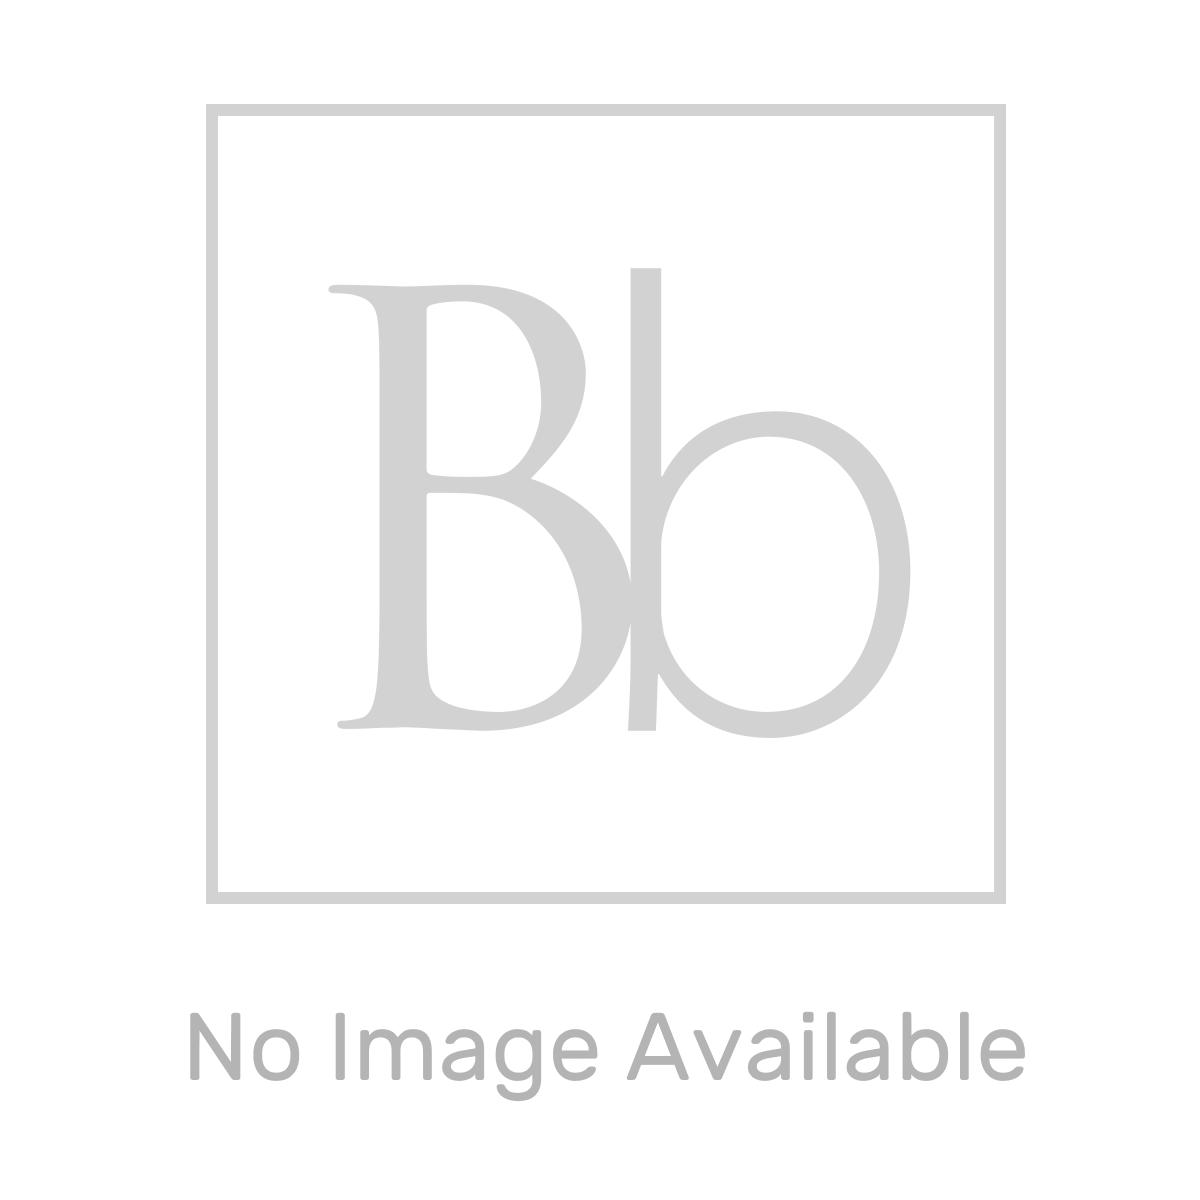 BTL Sherbourne Low Level Toilet and Basin Set